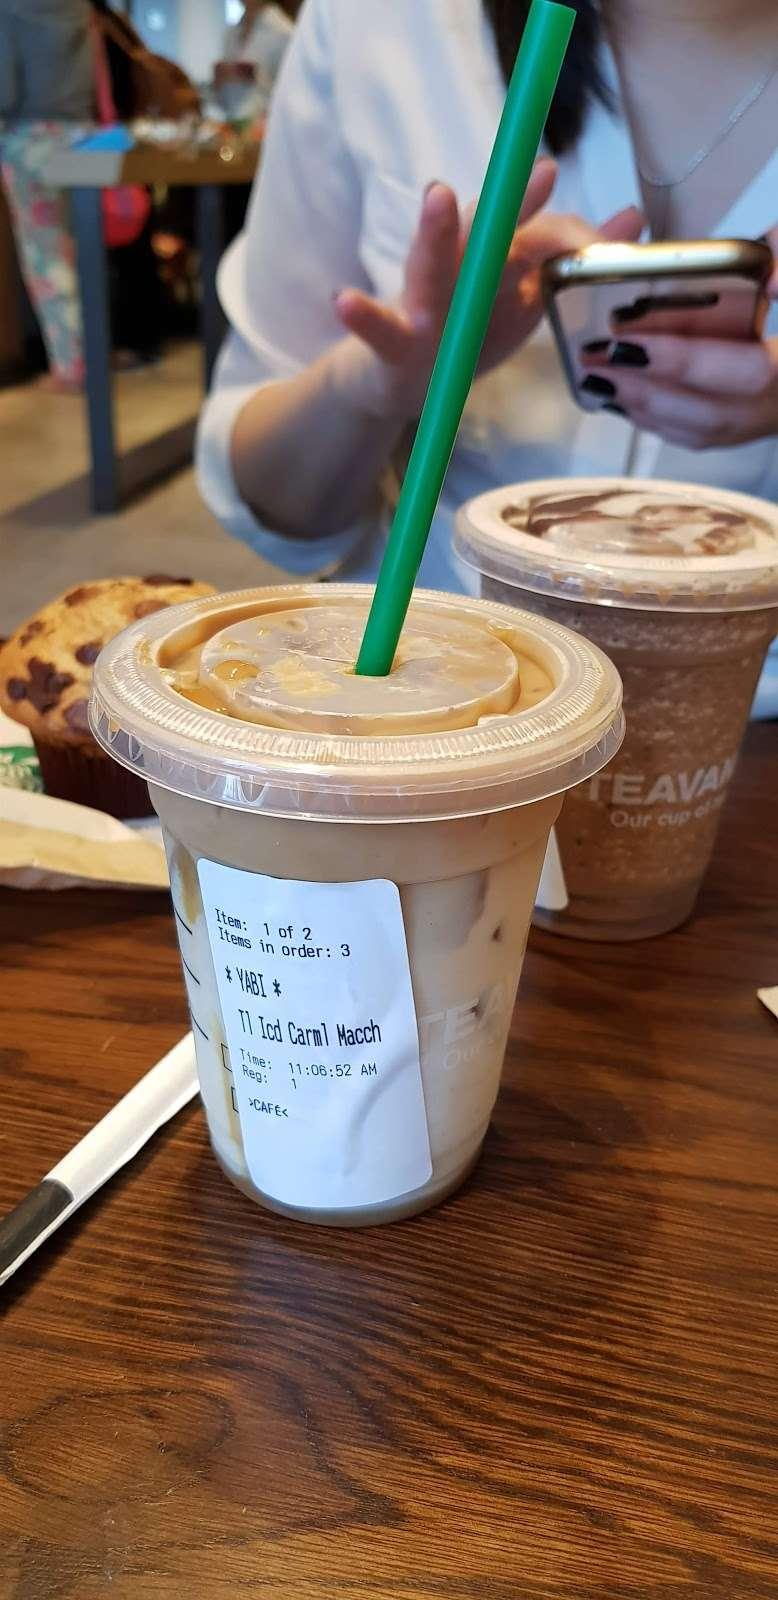 Starbucks - cafe  | Photo 4 of 10 | Address: 26-14 Jackson Ave, Long Island City, NY 11101, USA | Phone: (347) 533-2101